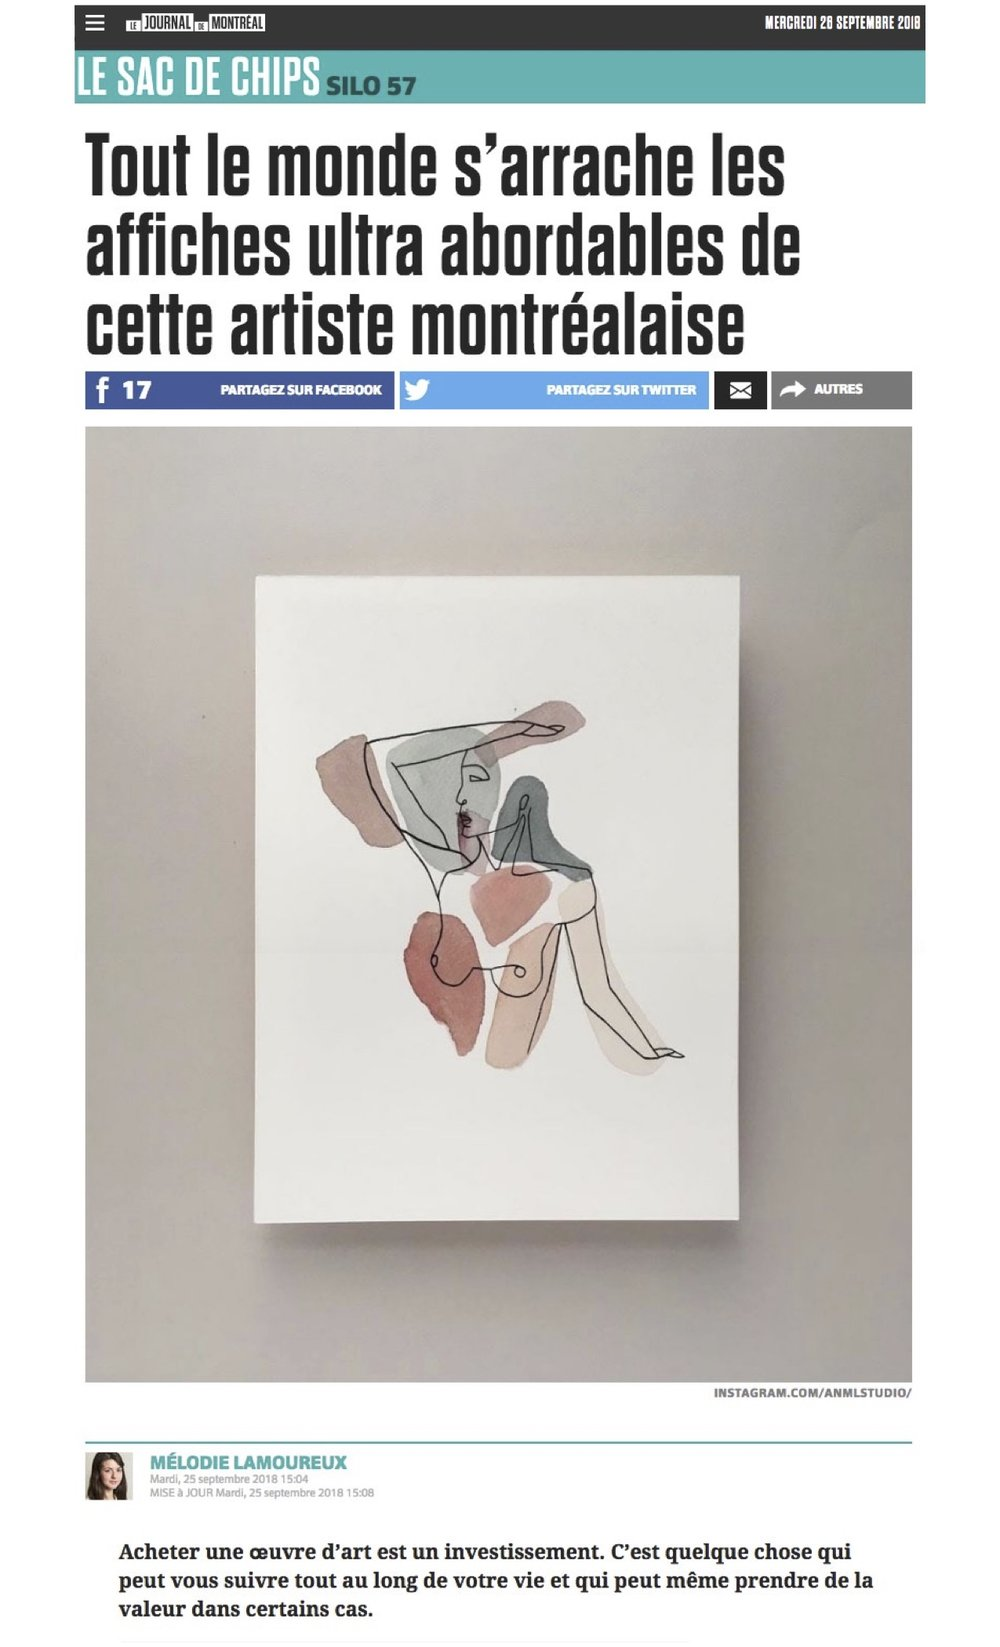 Journal de Montréal 25 September 2018 par   MÉLODIE LAMOUREUX